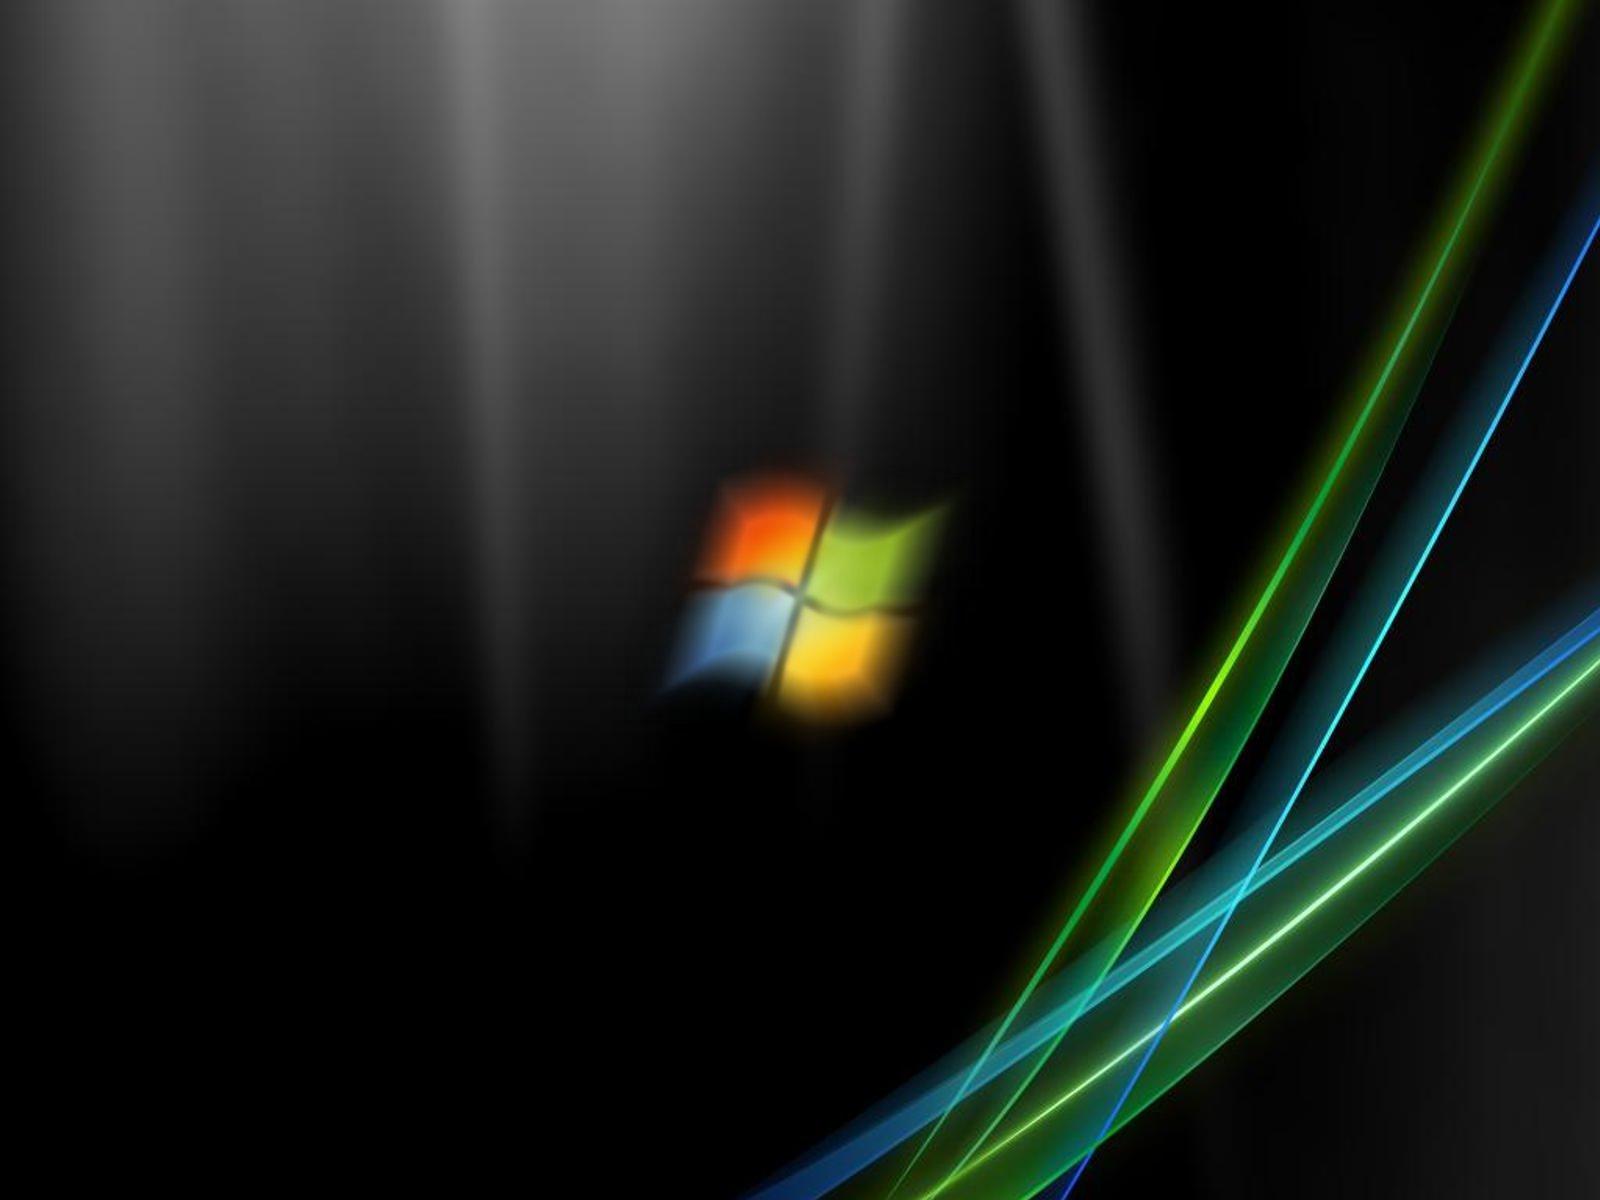 Windows logo wallpaper 4 by tonev 1600x1200